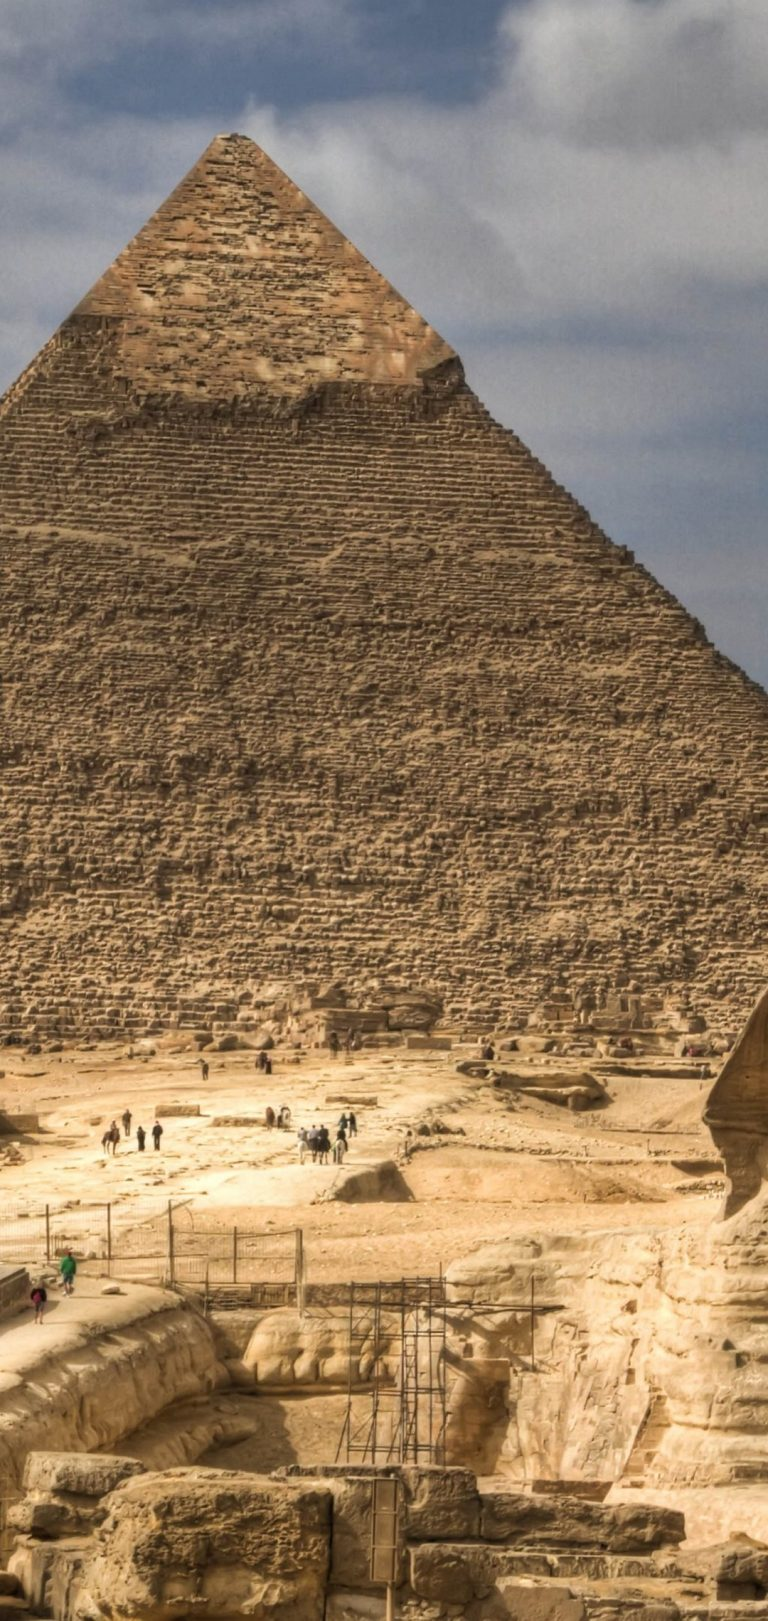 Pyramid Wallpaper 1080x2280 768x1621